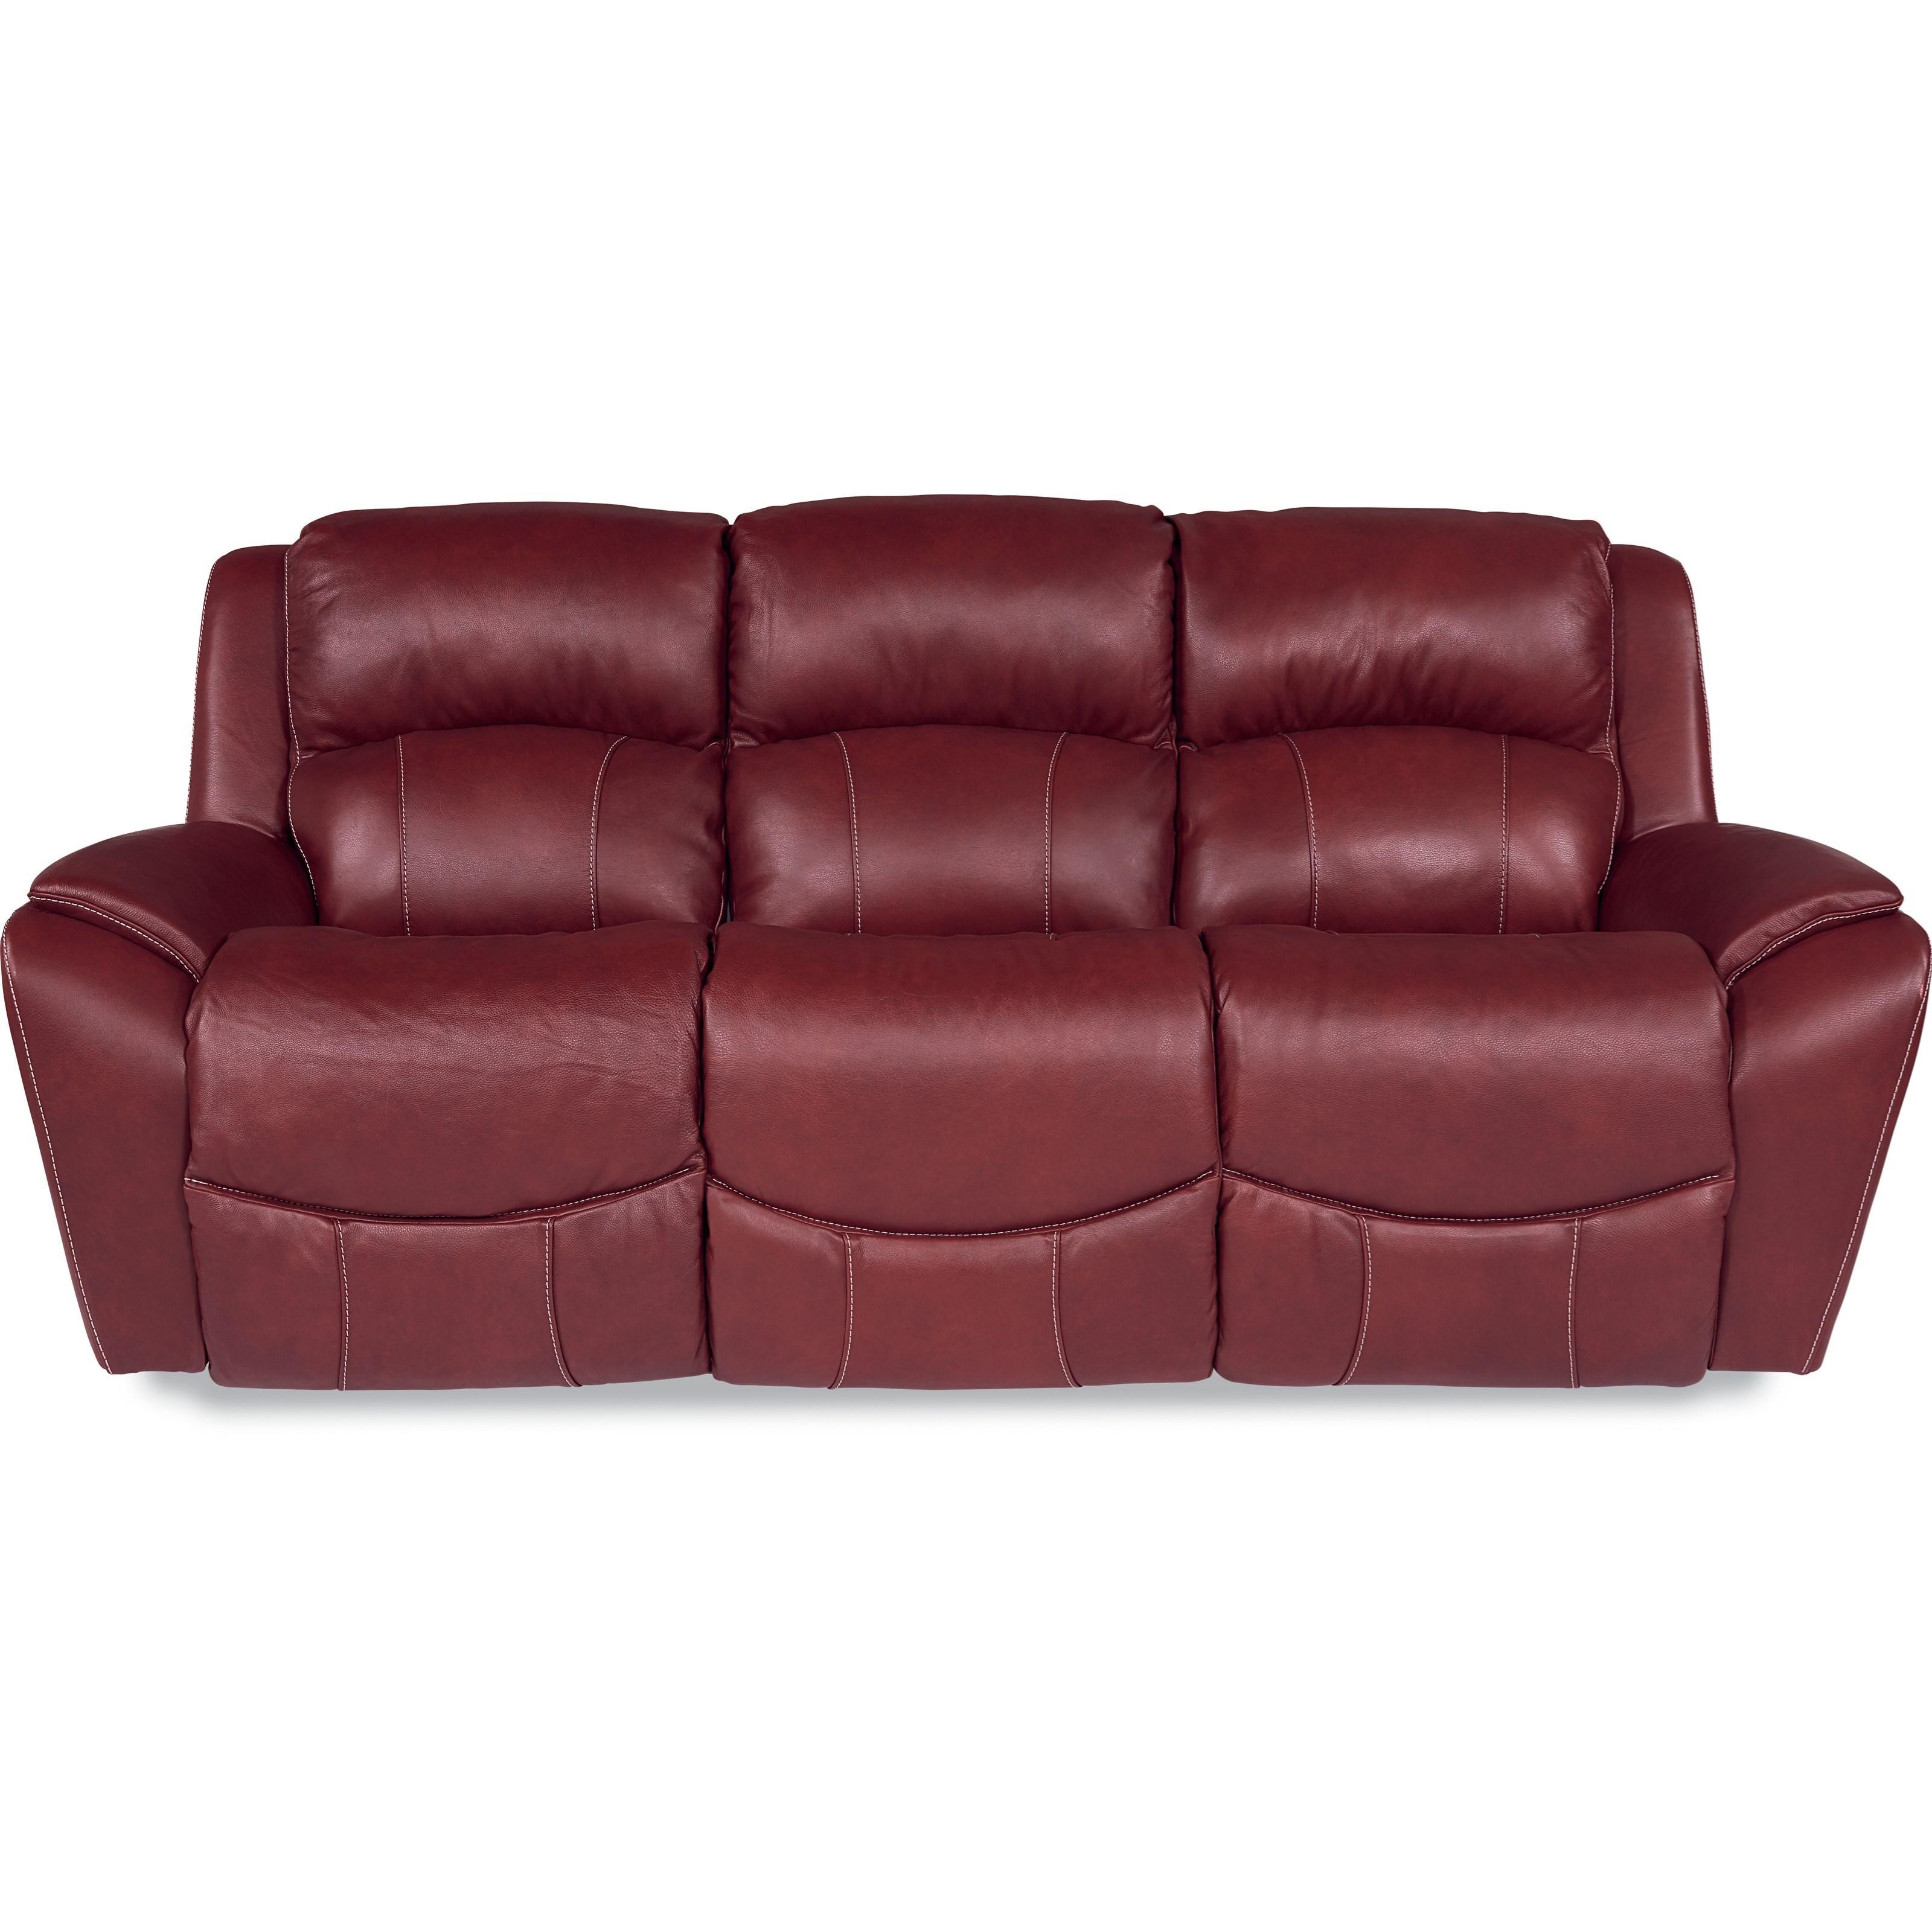 Delightful La Z Boy BARRETTLa Z Time® Full Reclining Sofa ...